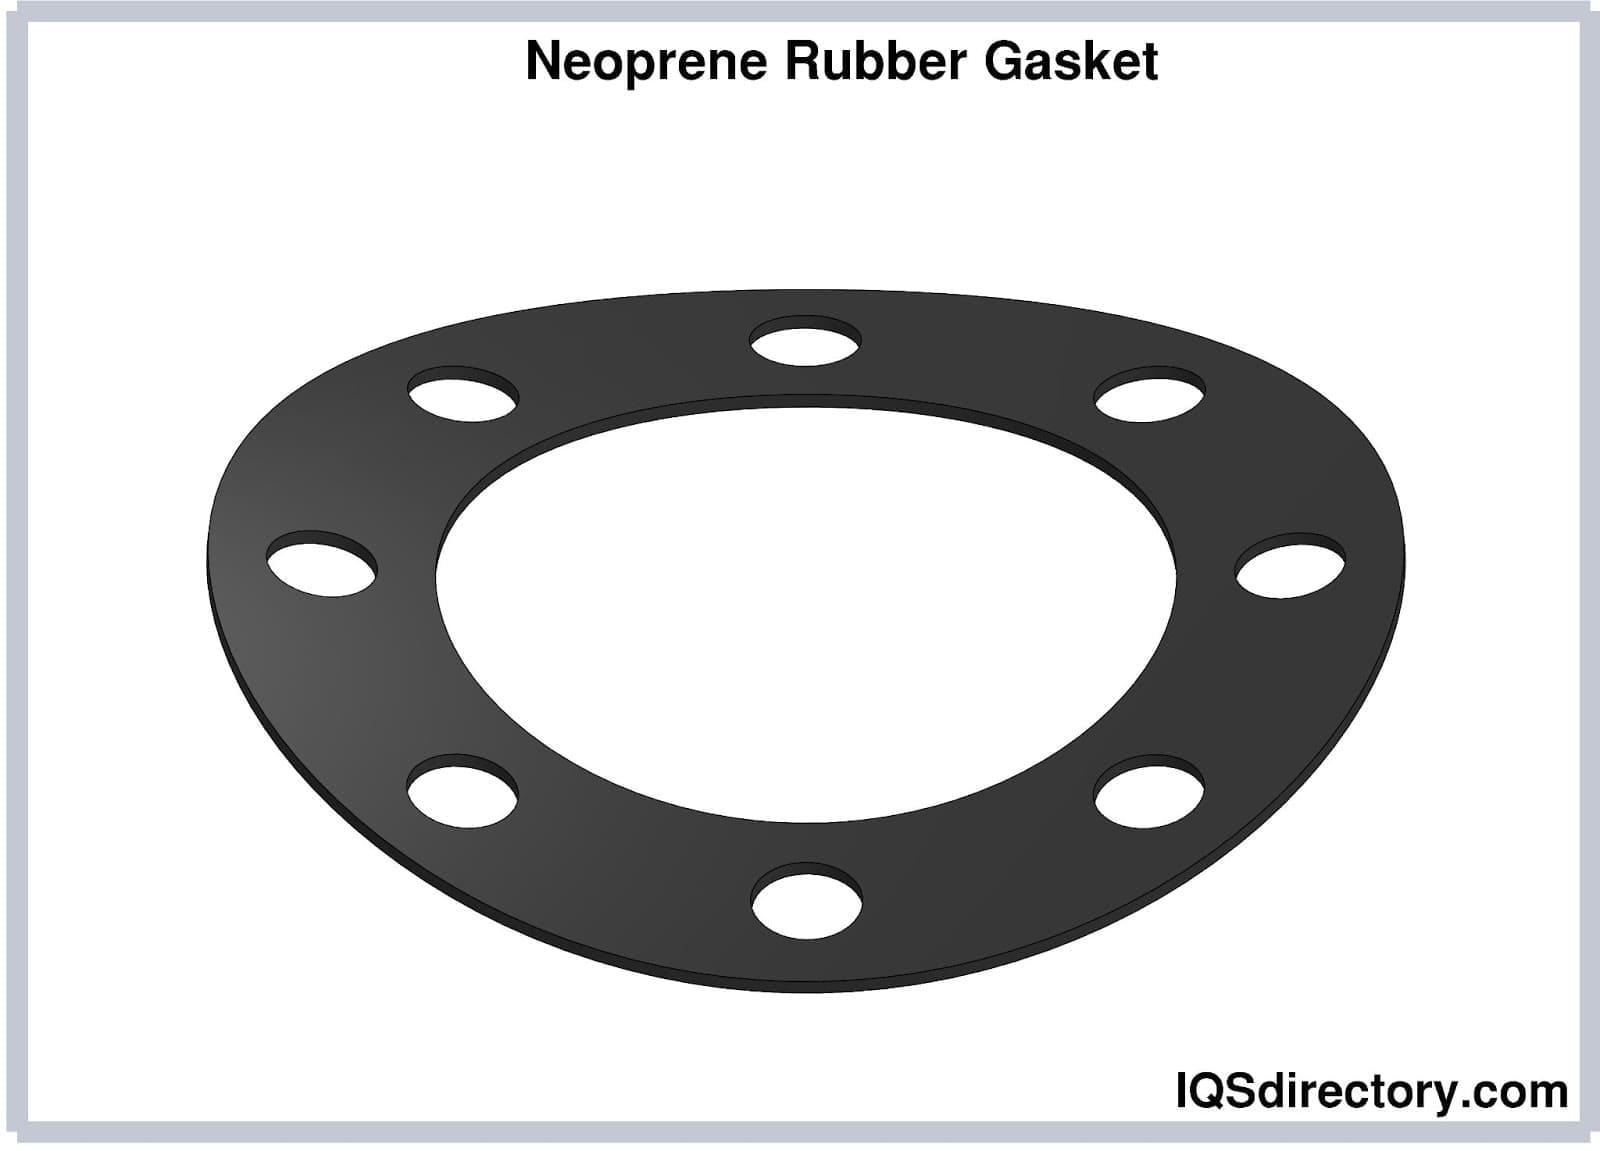 Neoprene Rubber Gasket